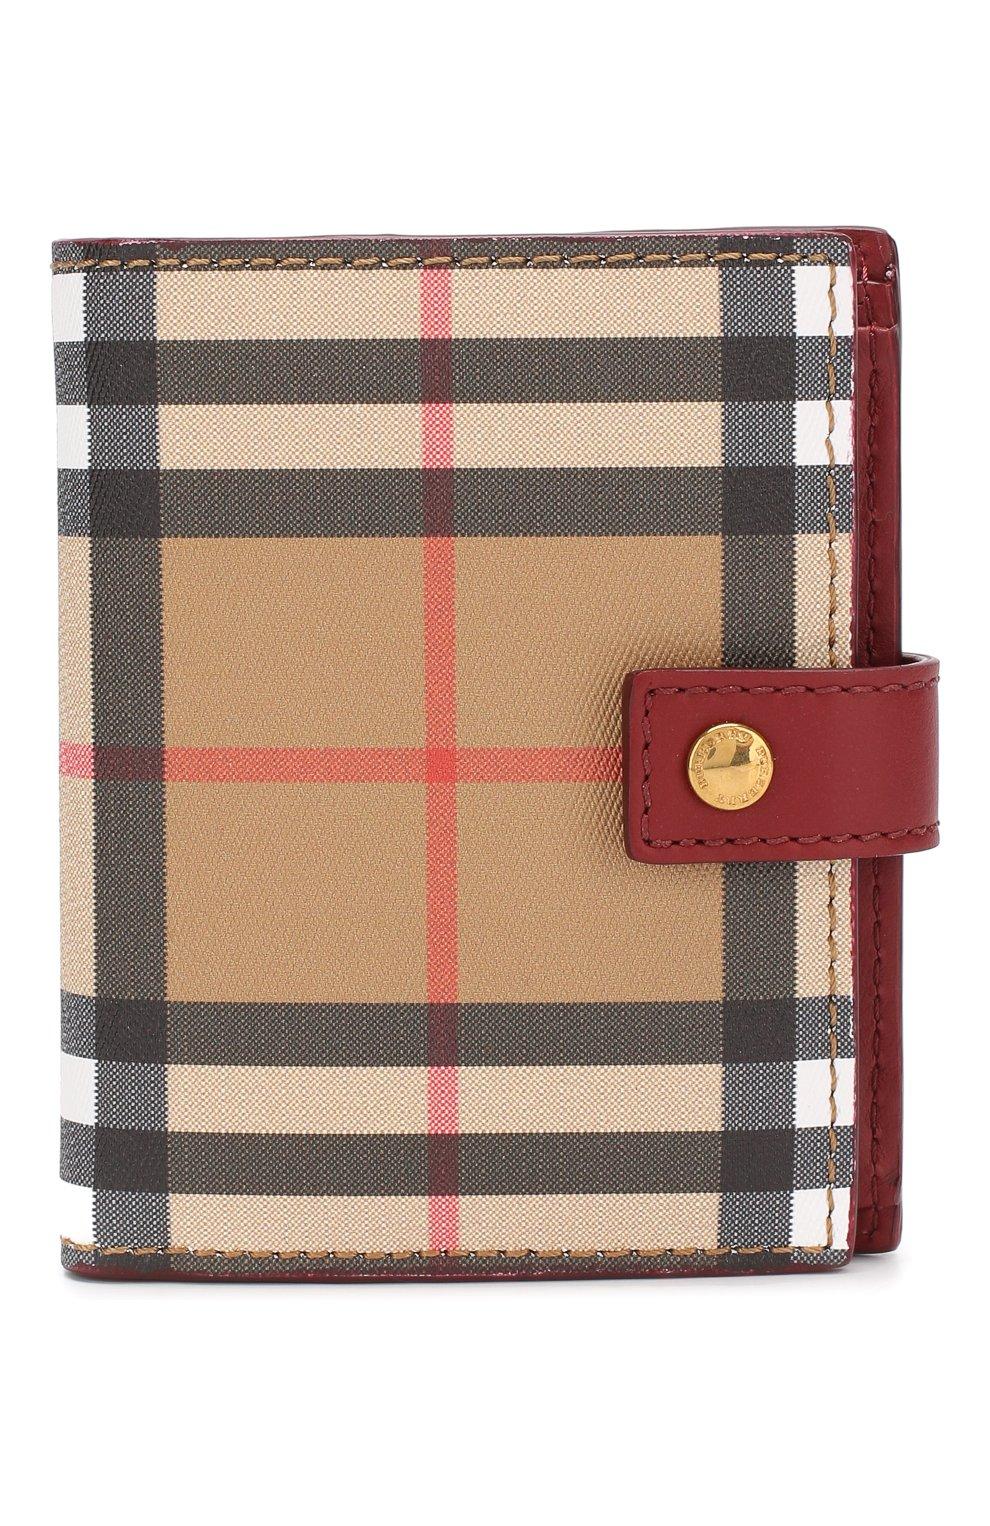 Кожаный кошелек в клетку Vintage Check | Фото №1